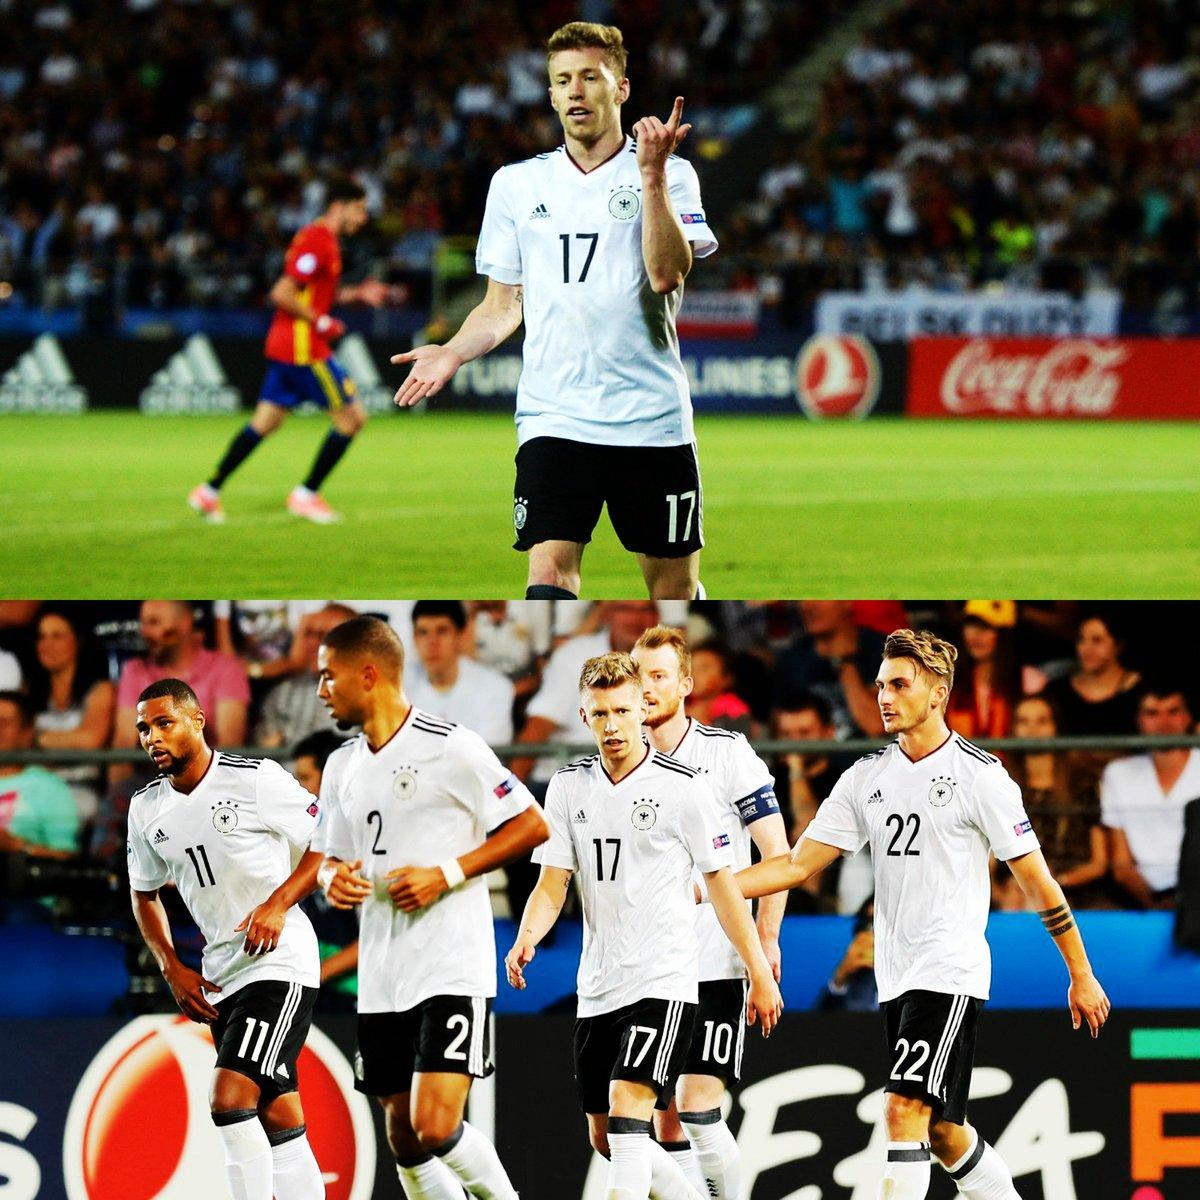 Germania Campione d'Europa Under 21: Spagna battuta in finale